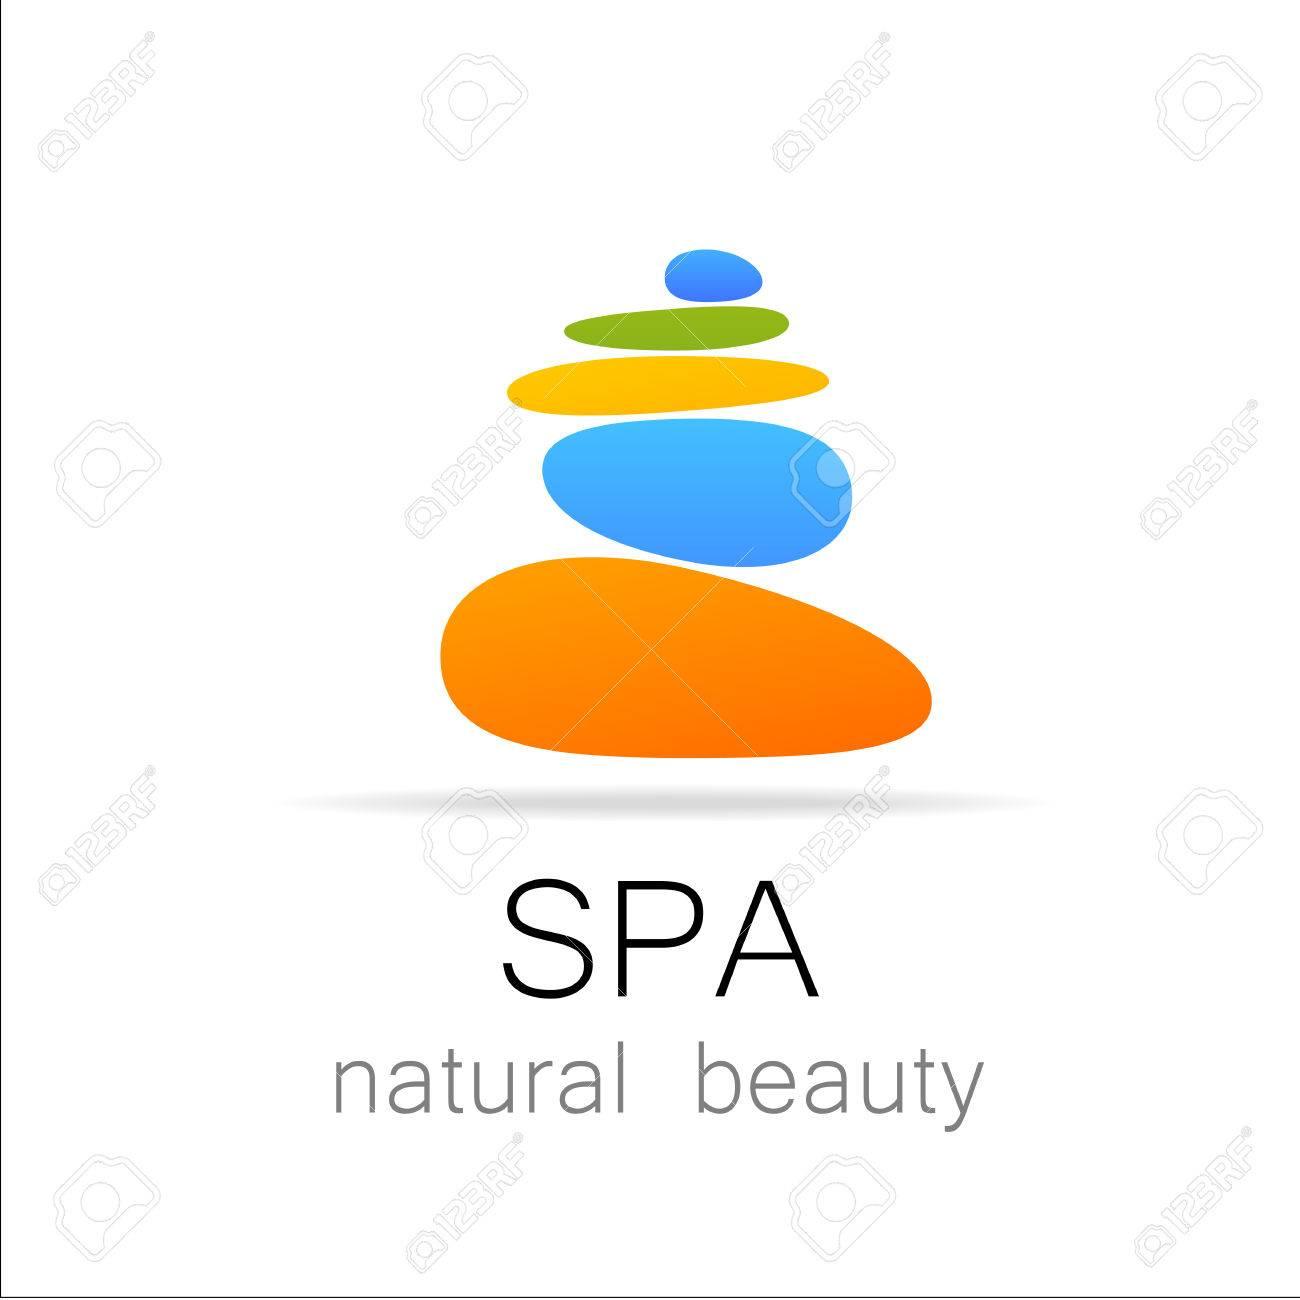 SPA - Vorlage Logo Für Spa-Lounge, Schönheitssalon, Massagebereich ...